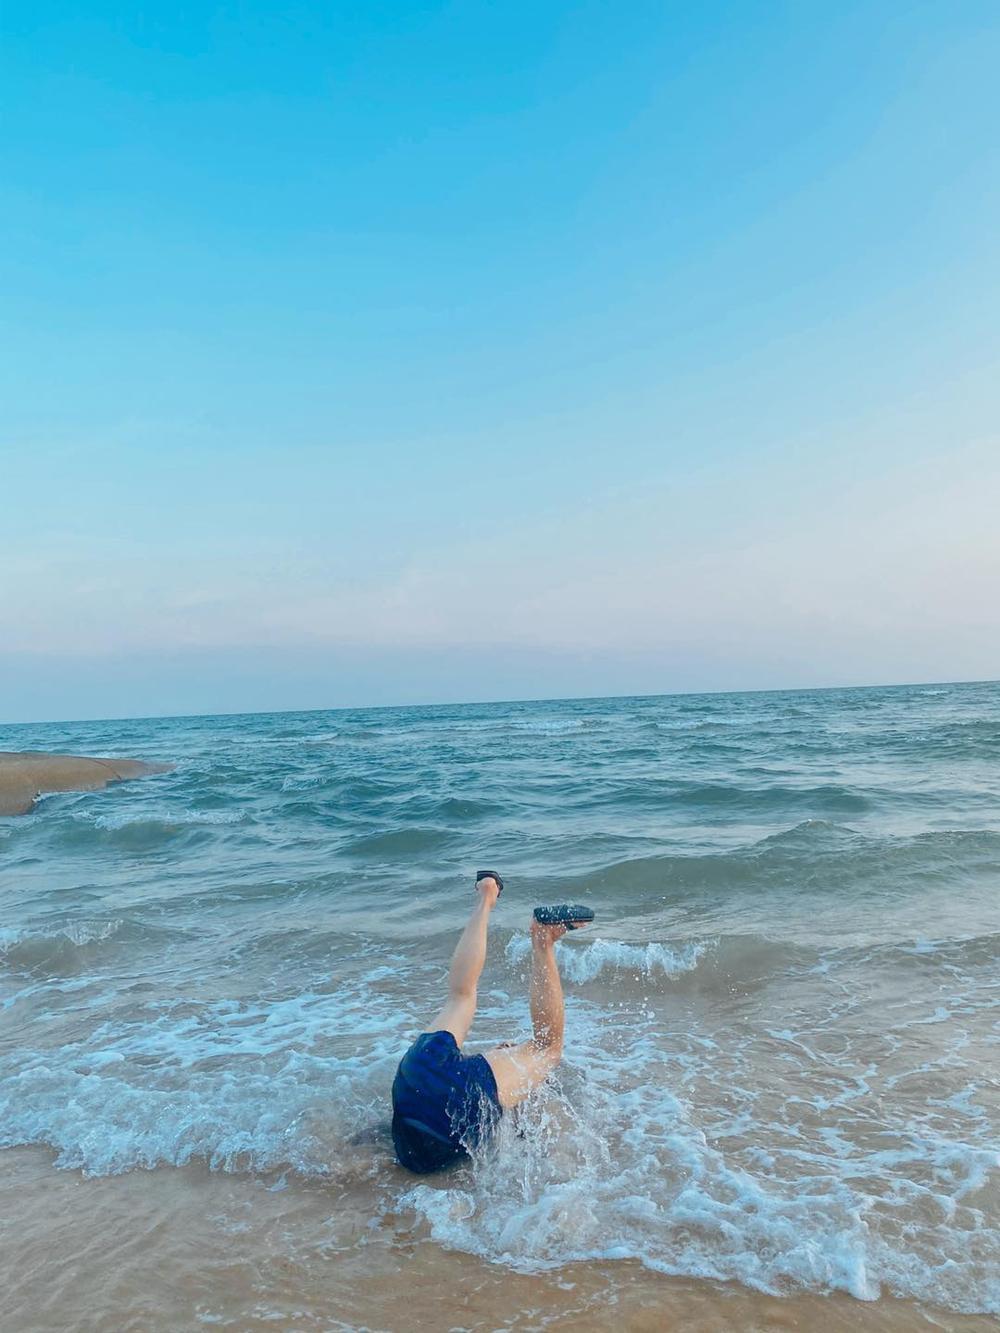 Bắt chước khoảnh khắc soái ca, Duy Khánh bất ngờ cho ra bộ sưu tập ảnh 'đuối nước' Ảnh 4